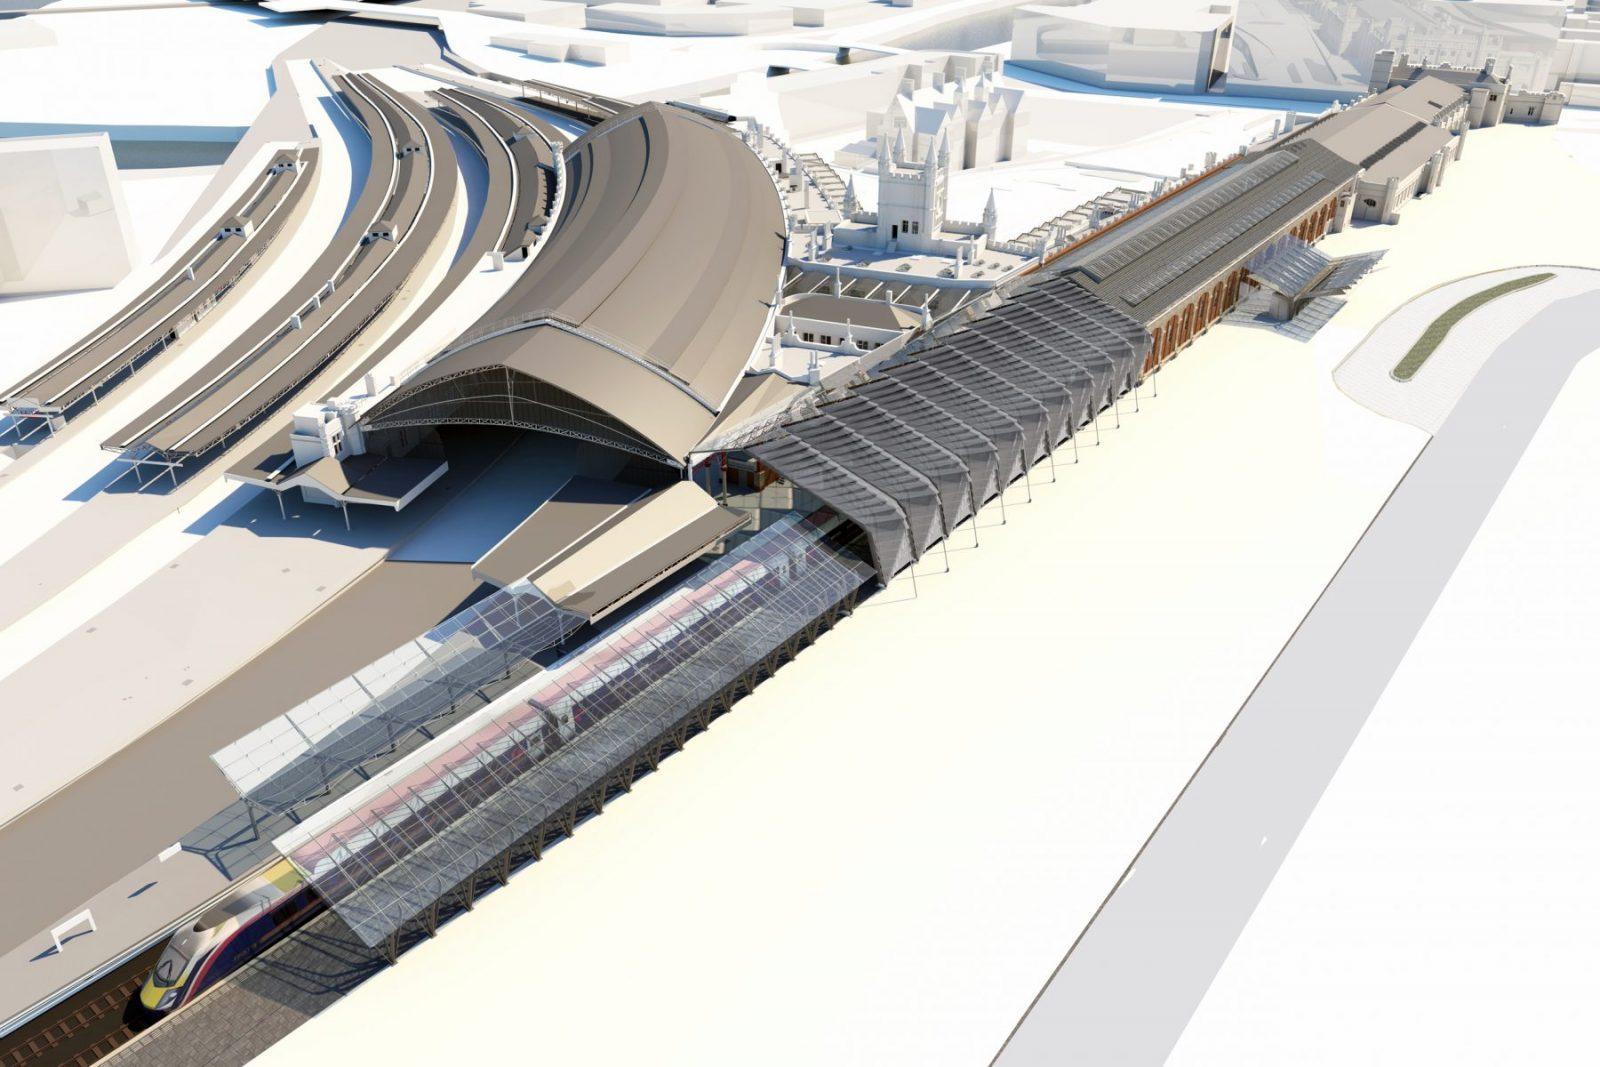 bristol temple meads regeneration london platform entrance canopy architects jersey architects2 1